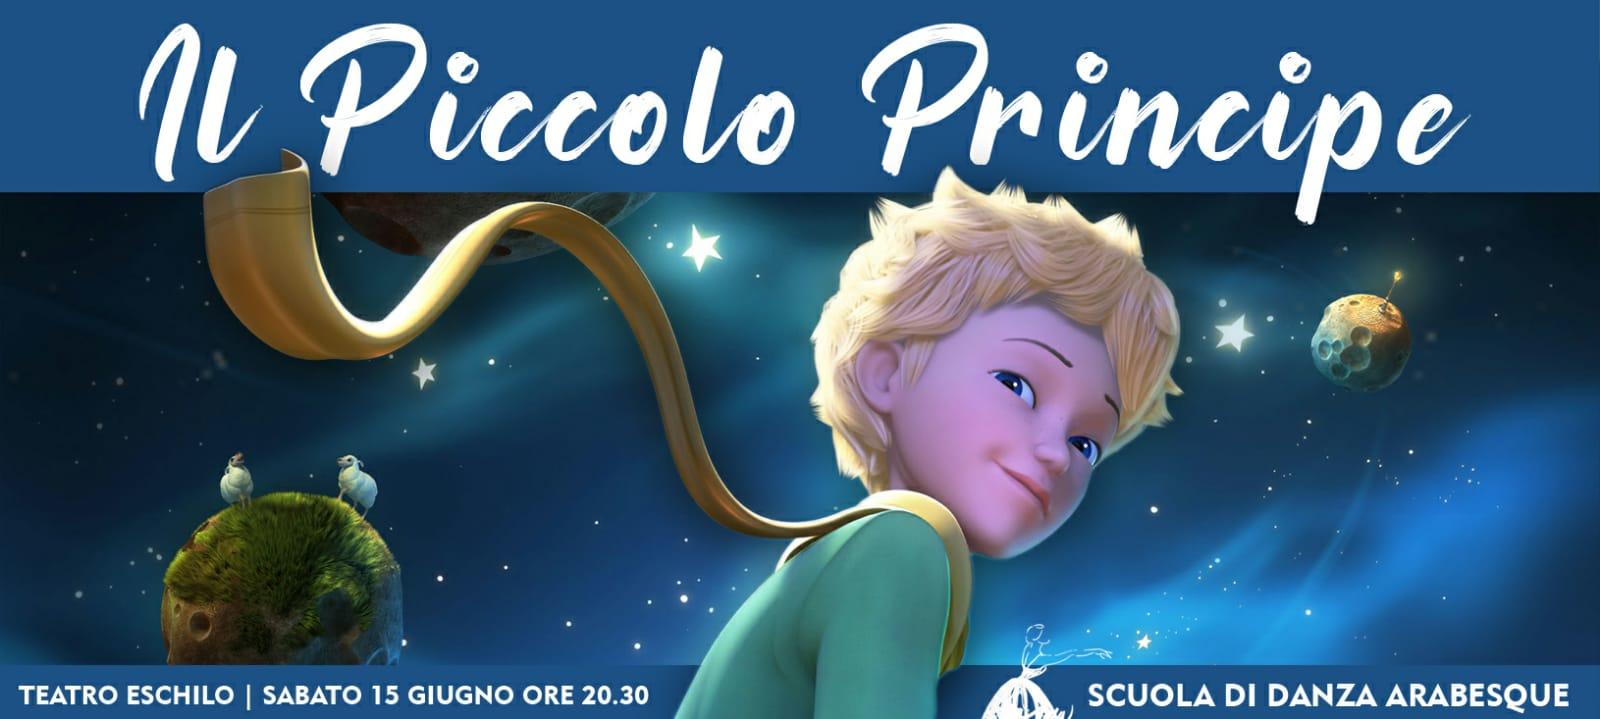 http://www.pernaeladanza.it/wordpress/wp-content/uploads/2019/06/Il-Piccolo-Principe-saggio-2018-2019-arabesque-viviana-e-annalisa-perna.jpeg.jpeg